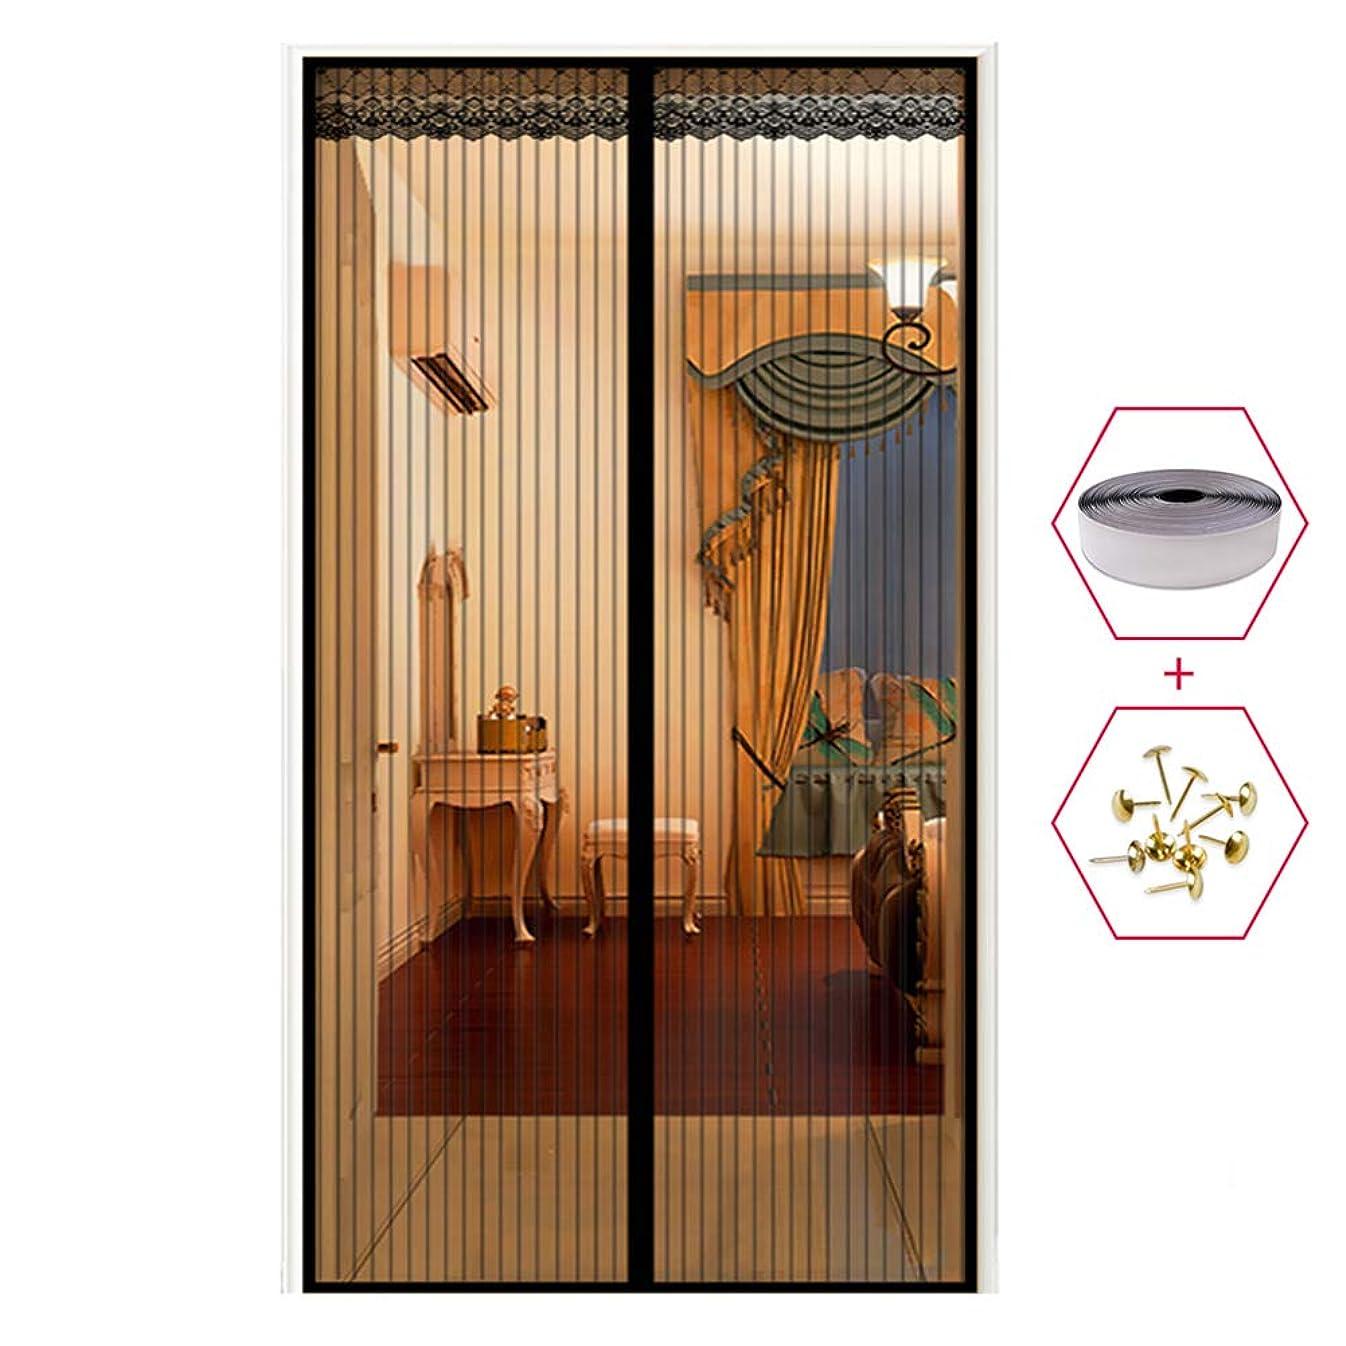 通信網錫天文学磁気フライ昆虫スクリーンドアミュート印刷画面メッシュカーテンフィットドア 90 x 210cm,B,110x220cm